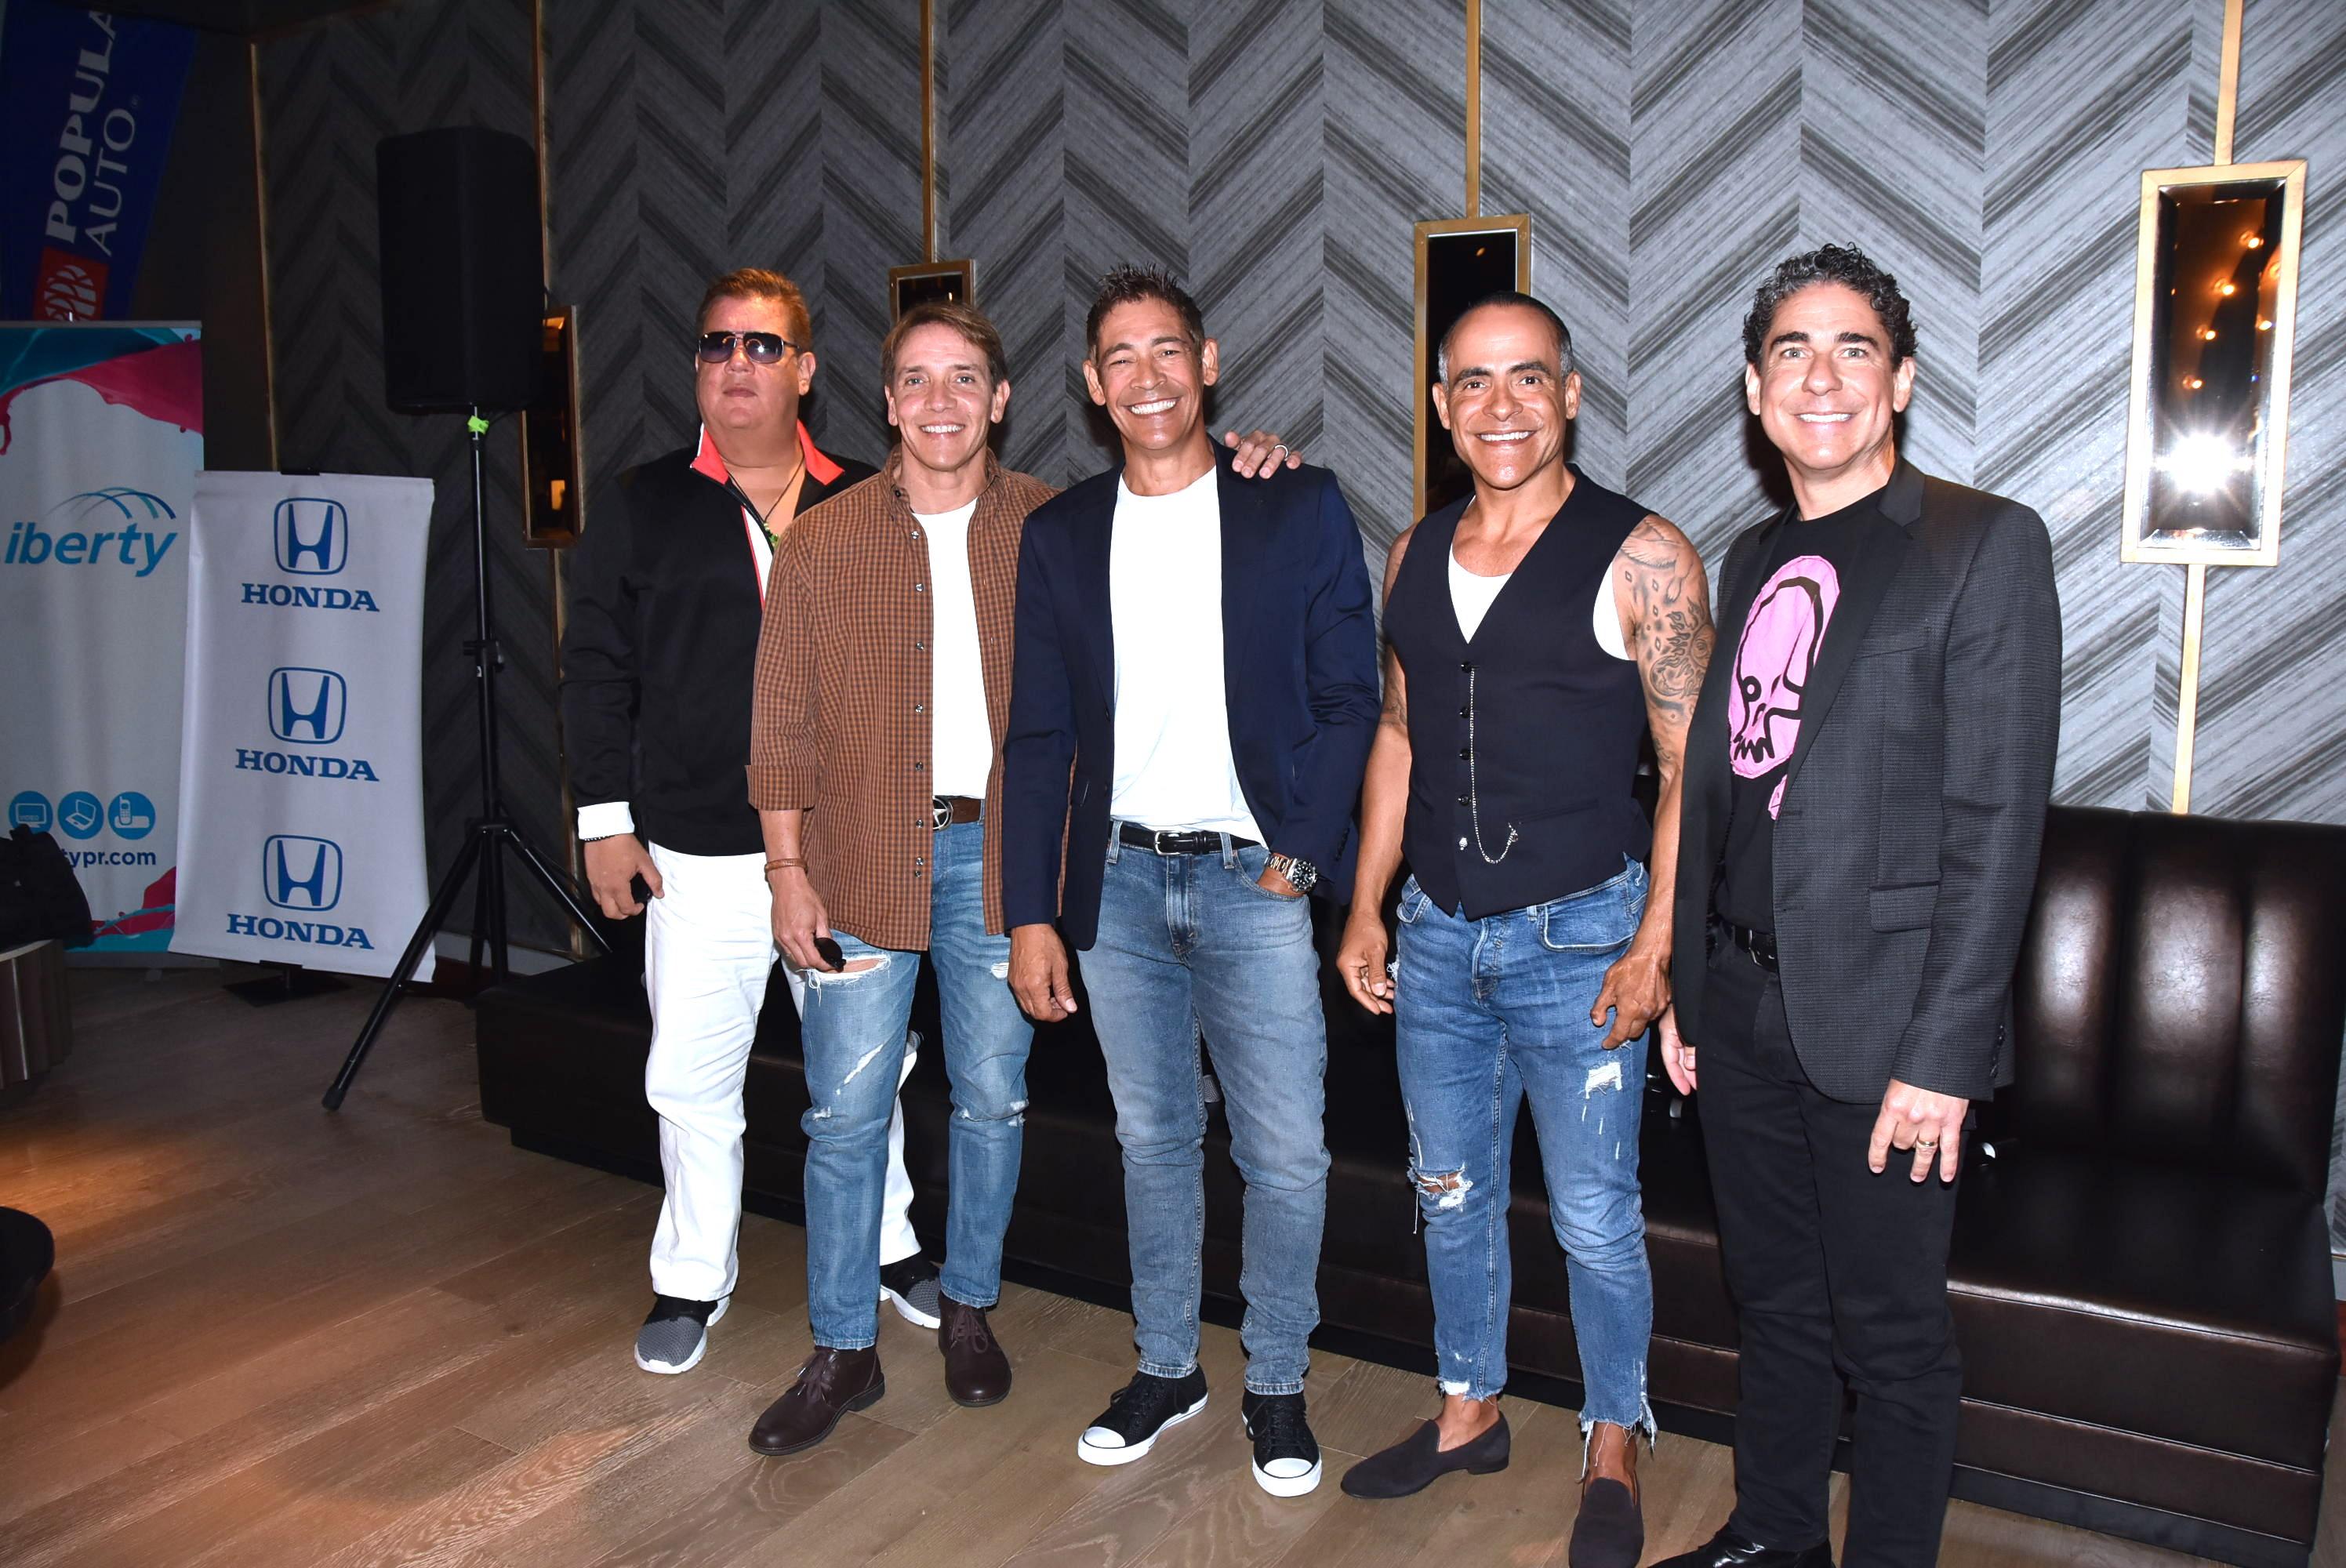 Los ex Menudos, Johnny Lozada, Ray Reyes, René Farrait, Miguel Cancel y Ricky Meléndez nueva gira subete a mi moto